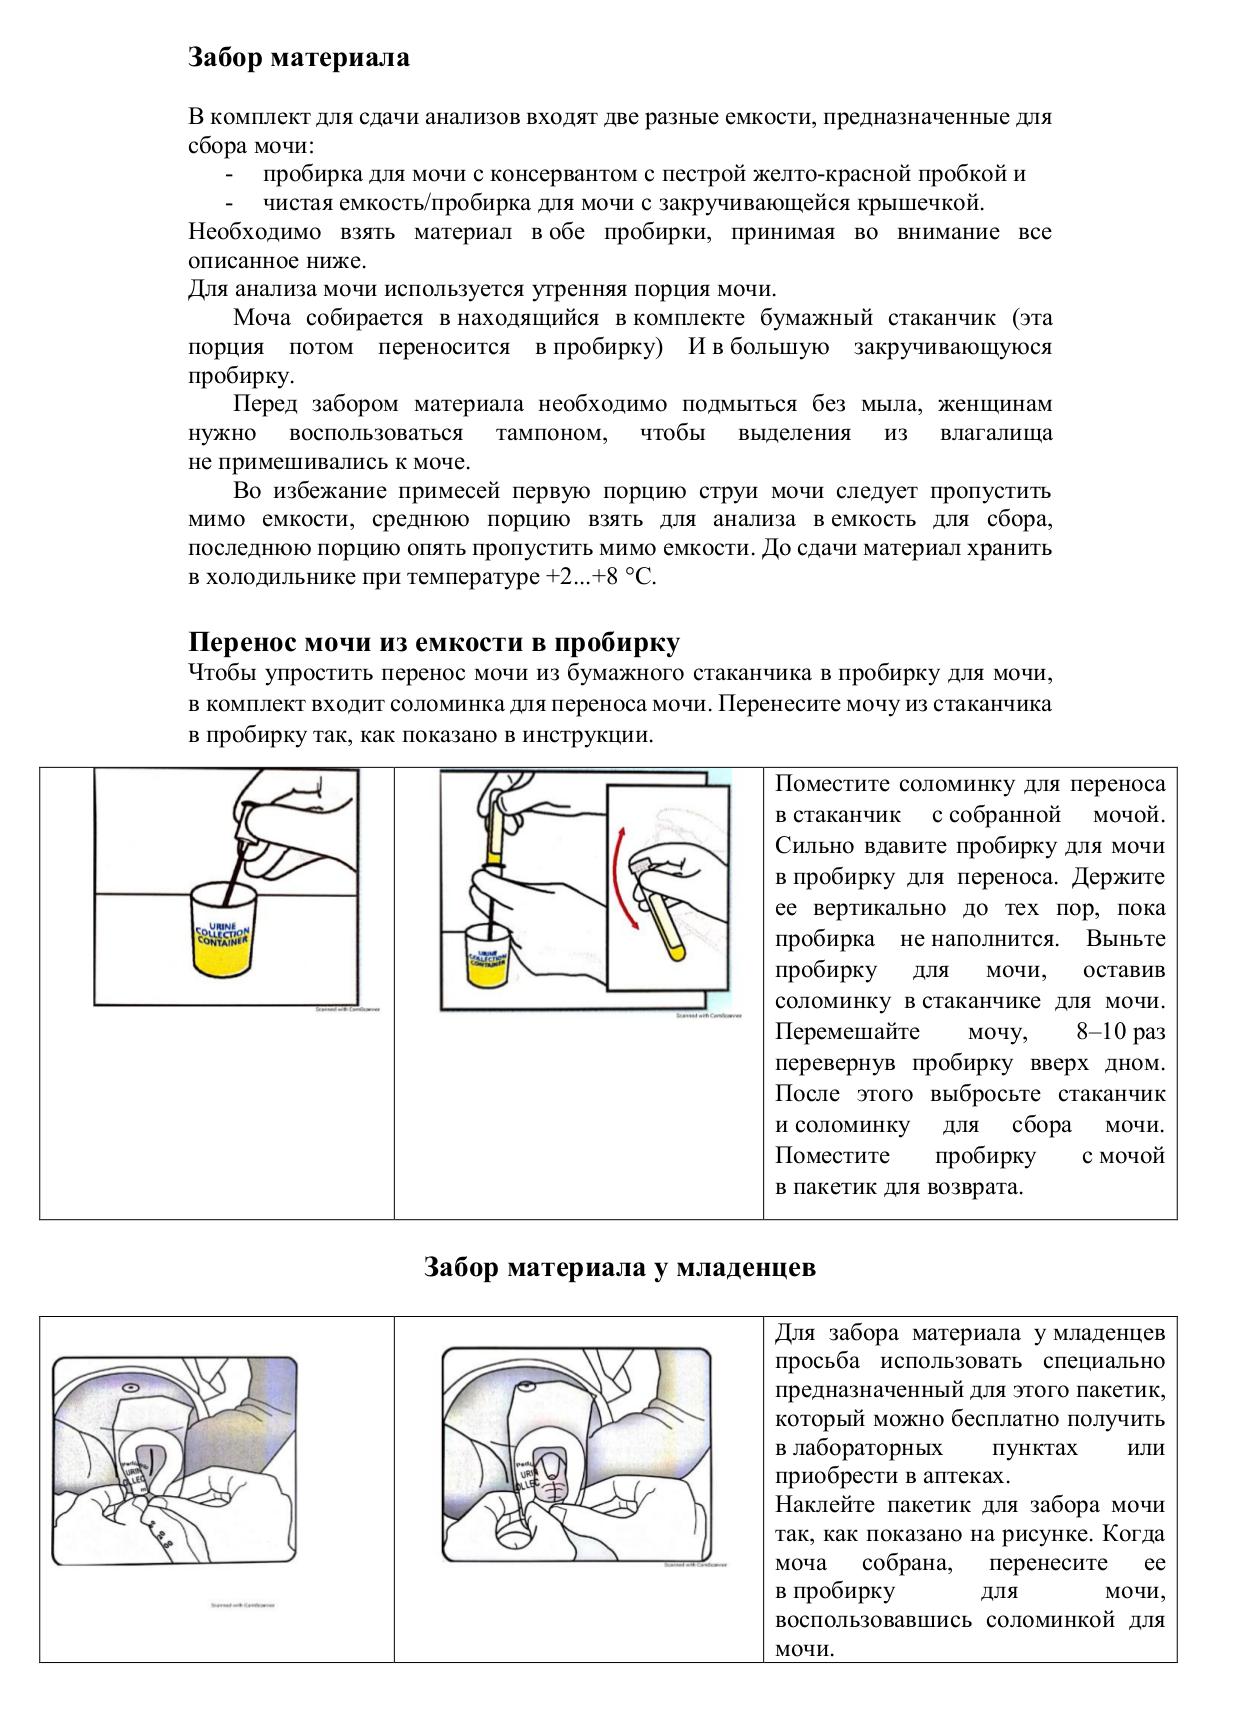 Urīna savākšanas instrukcija